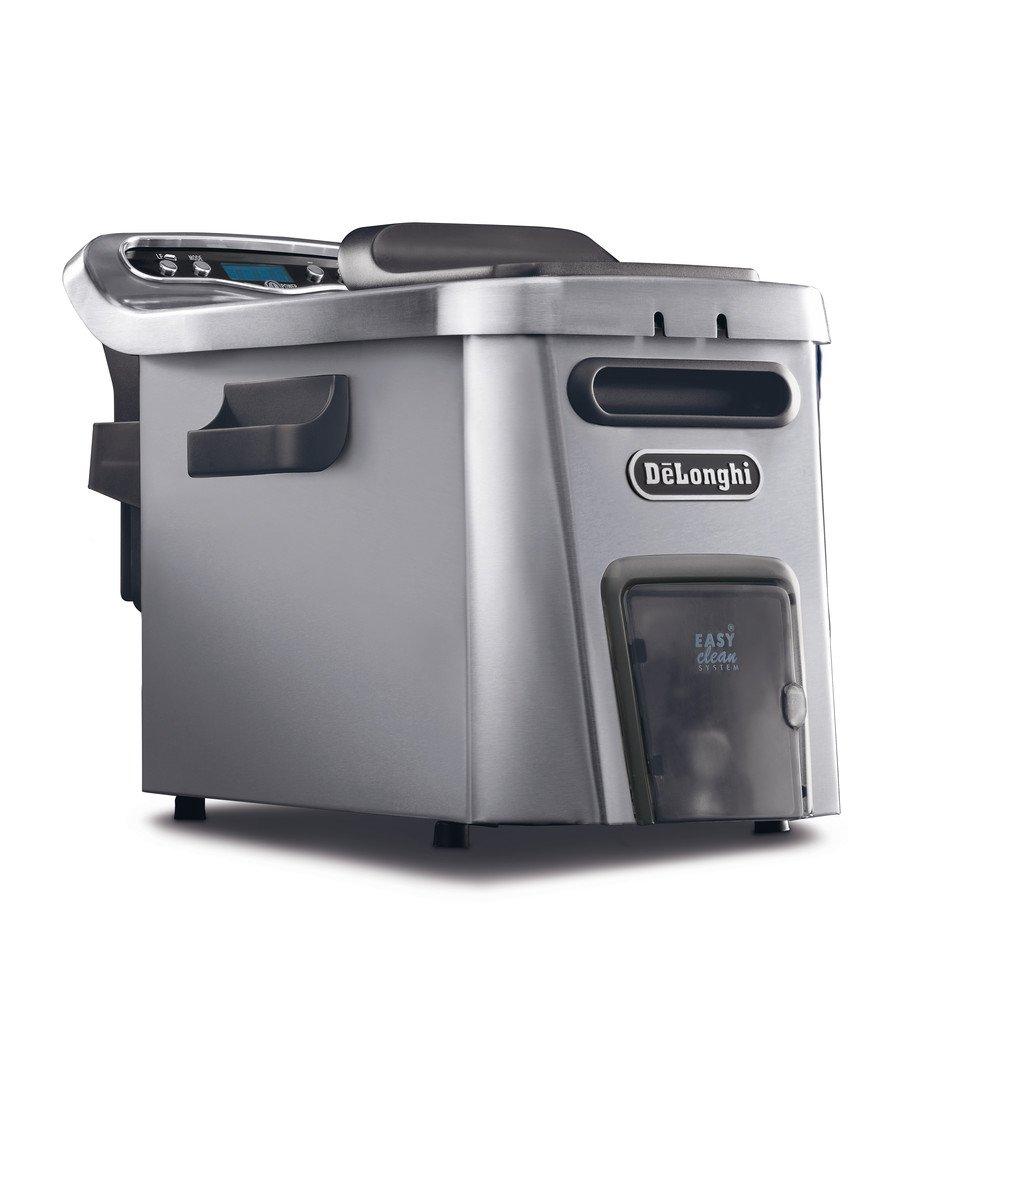 DeLonghi D44528DZ LivenzaDeep FryerBlack Friday Deals